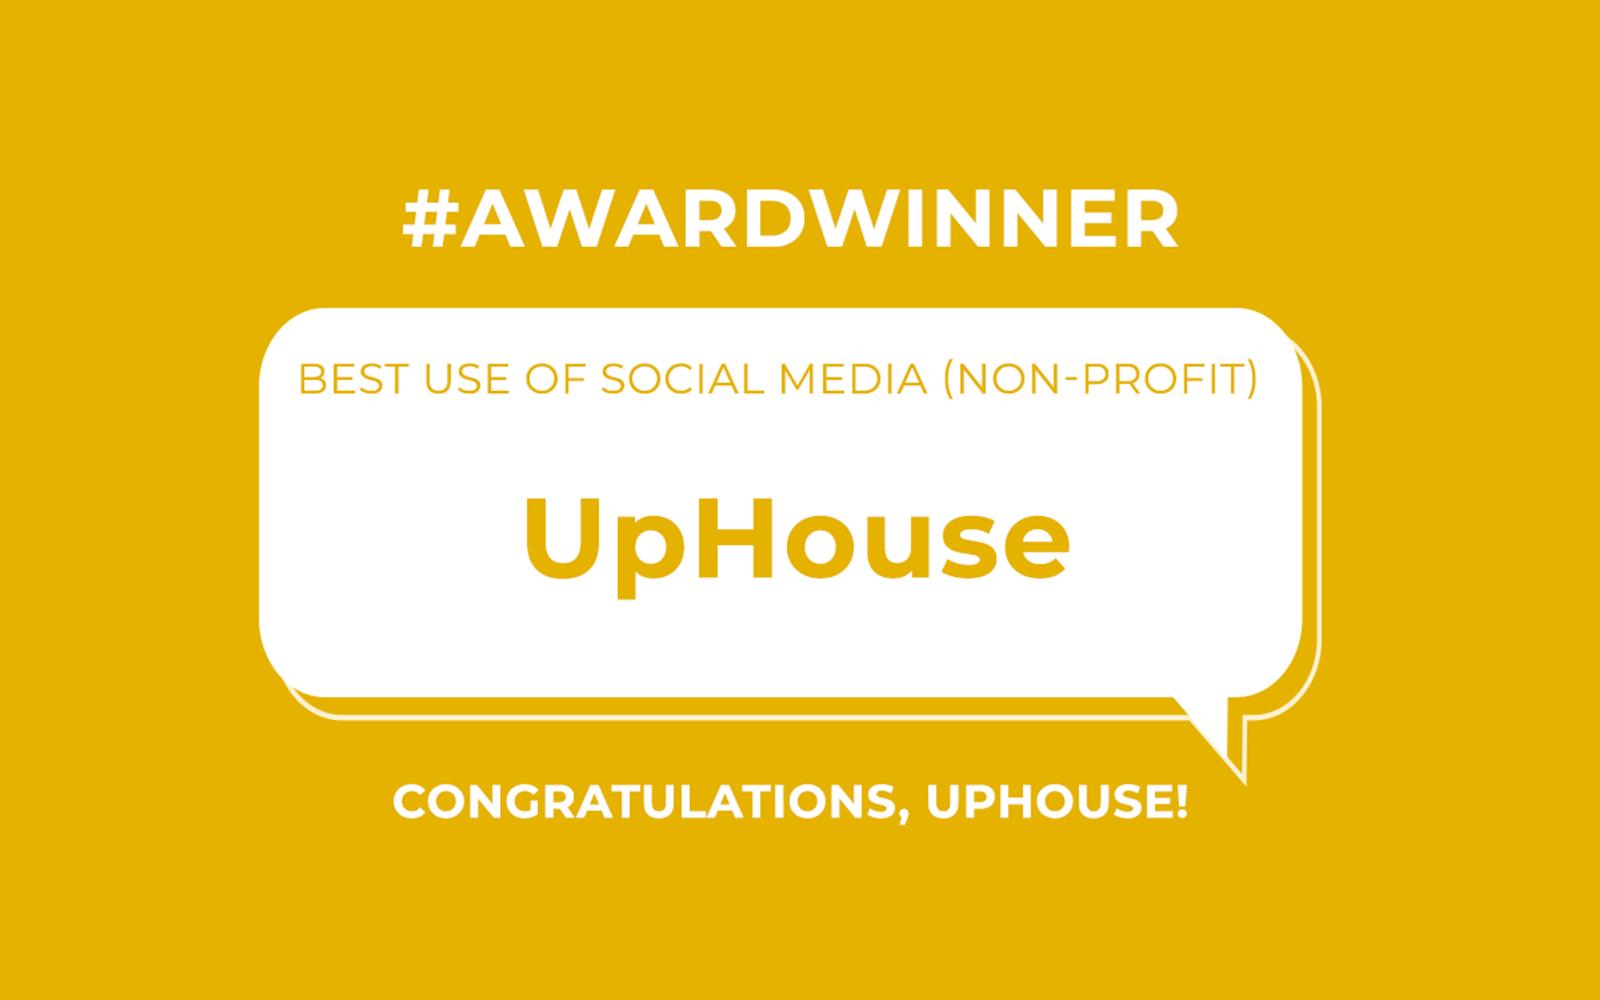 Winner slide announcing UpHouse as a Hashtag Award winner.